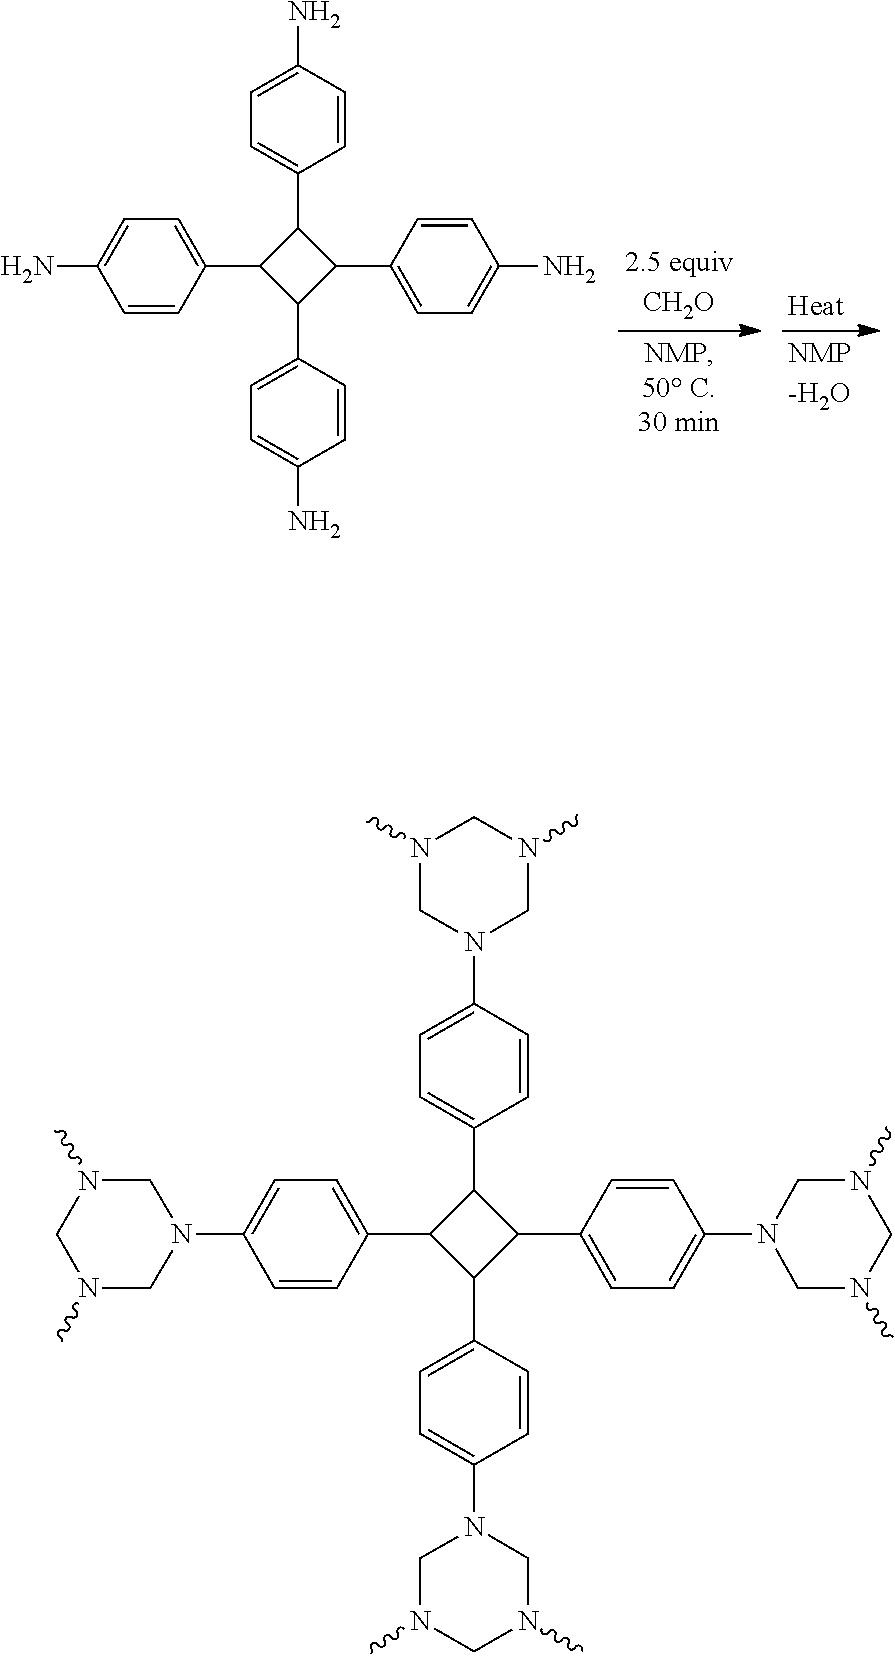 Figure US09828467-20171128-C00007